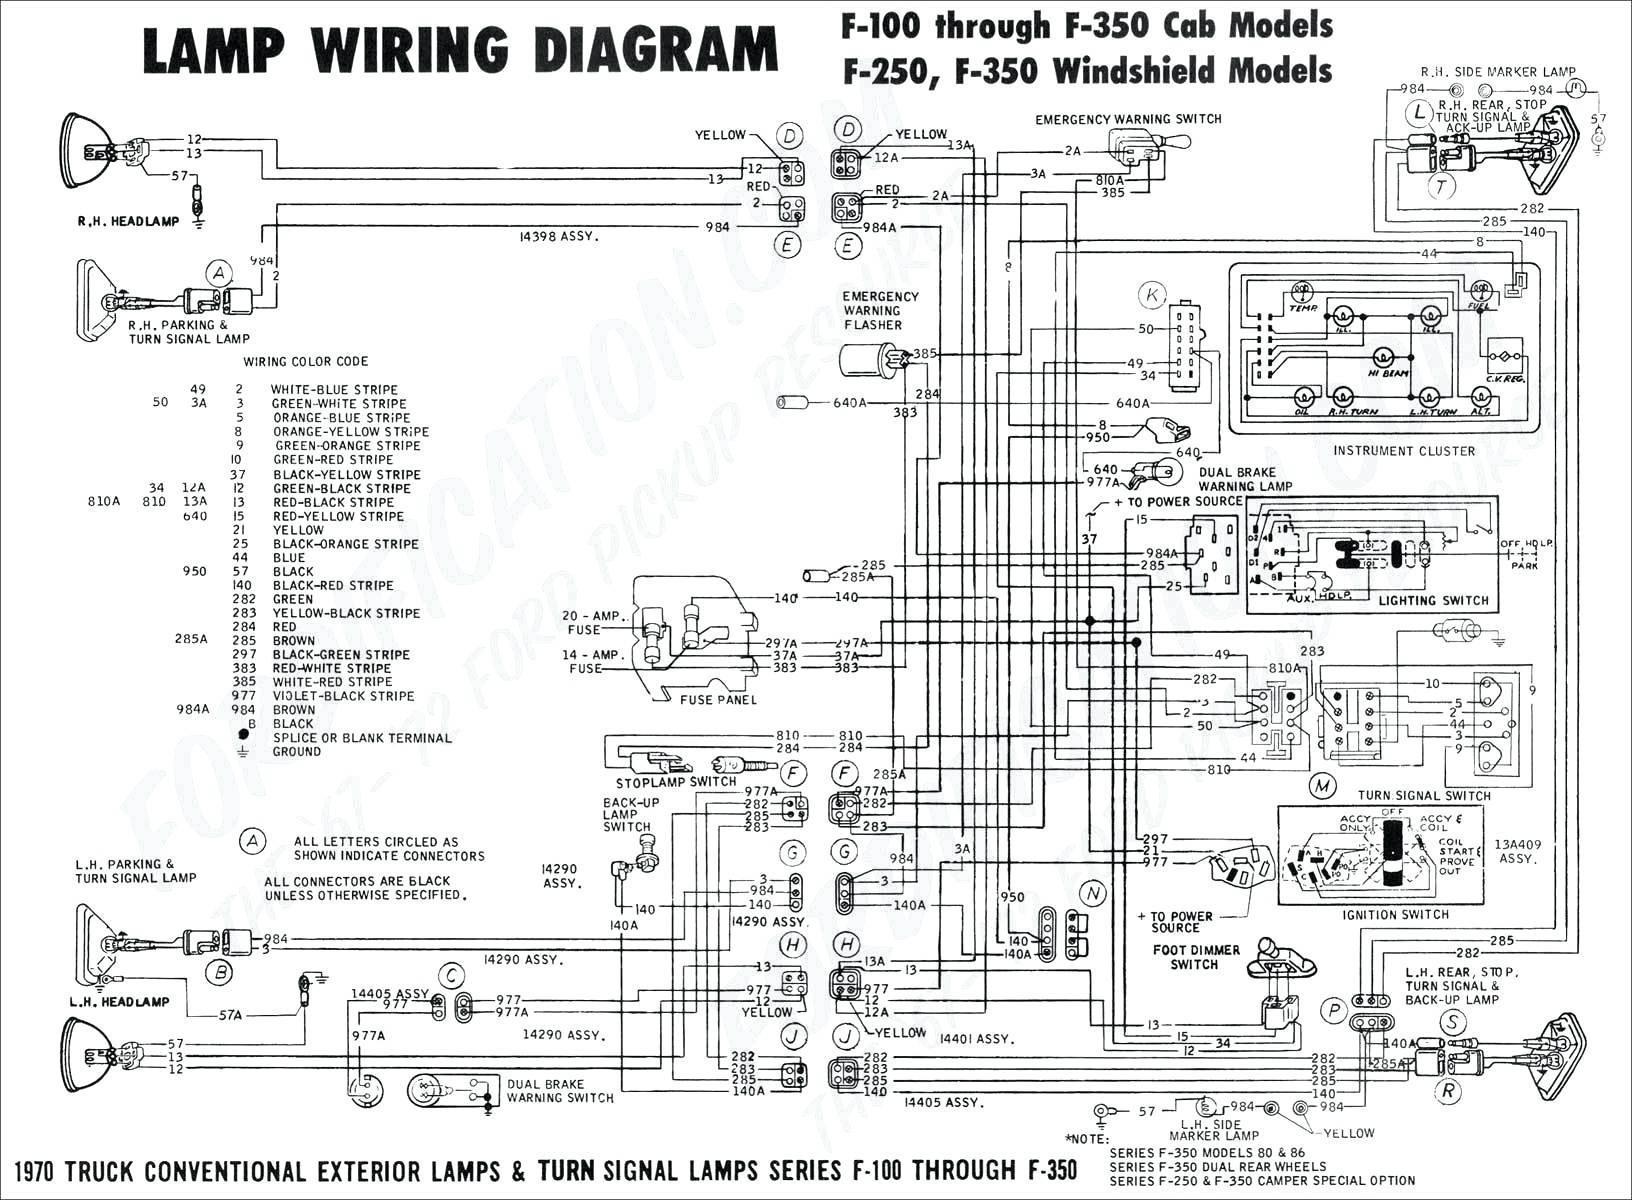 Vw Beetle Wiper Motor Wiring Diagram Inspirational Alternator Wiring Diagram Vw Beetle New Vanagon Alternator Wiring